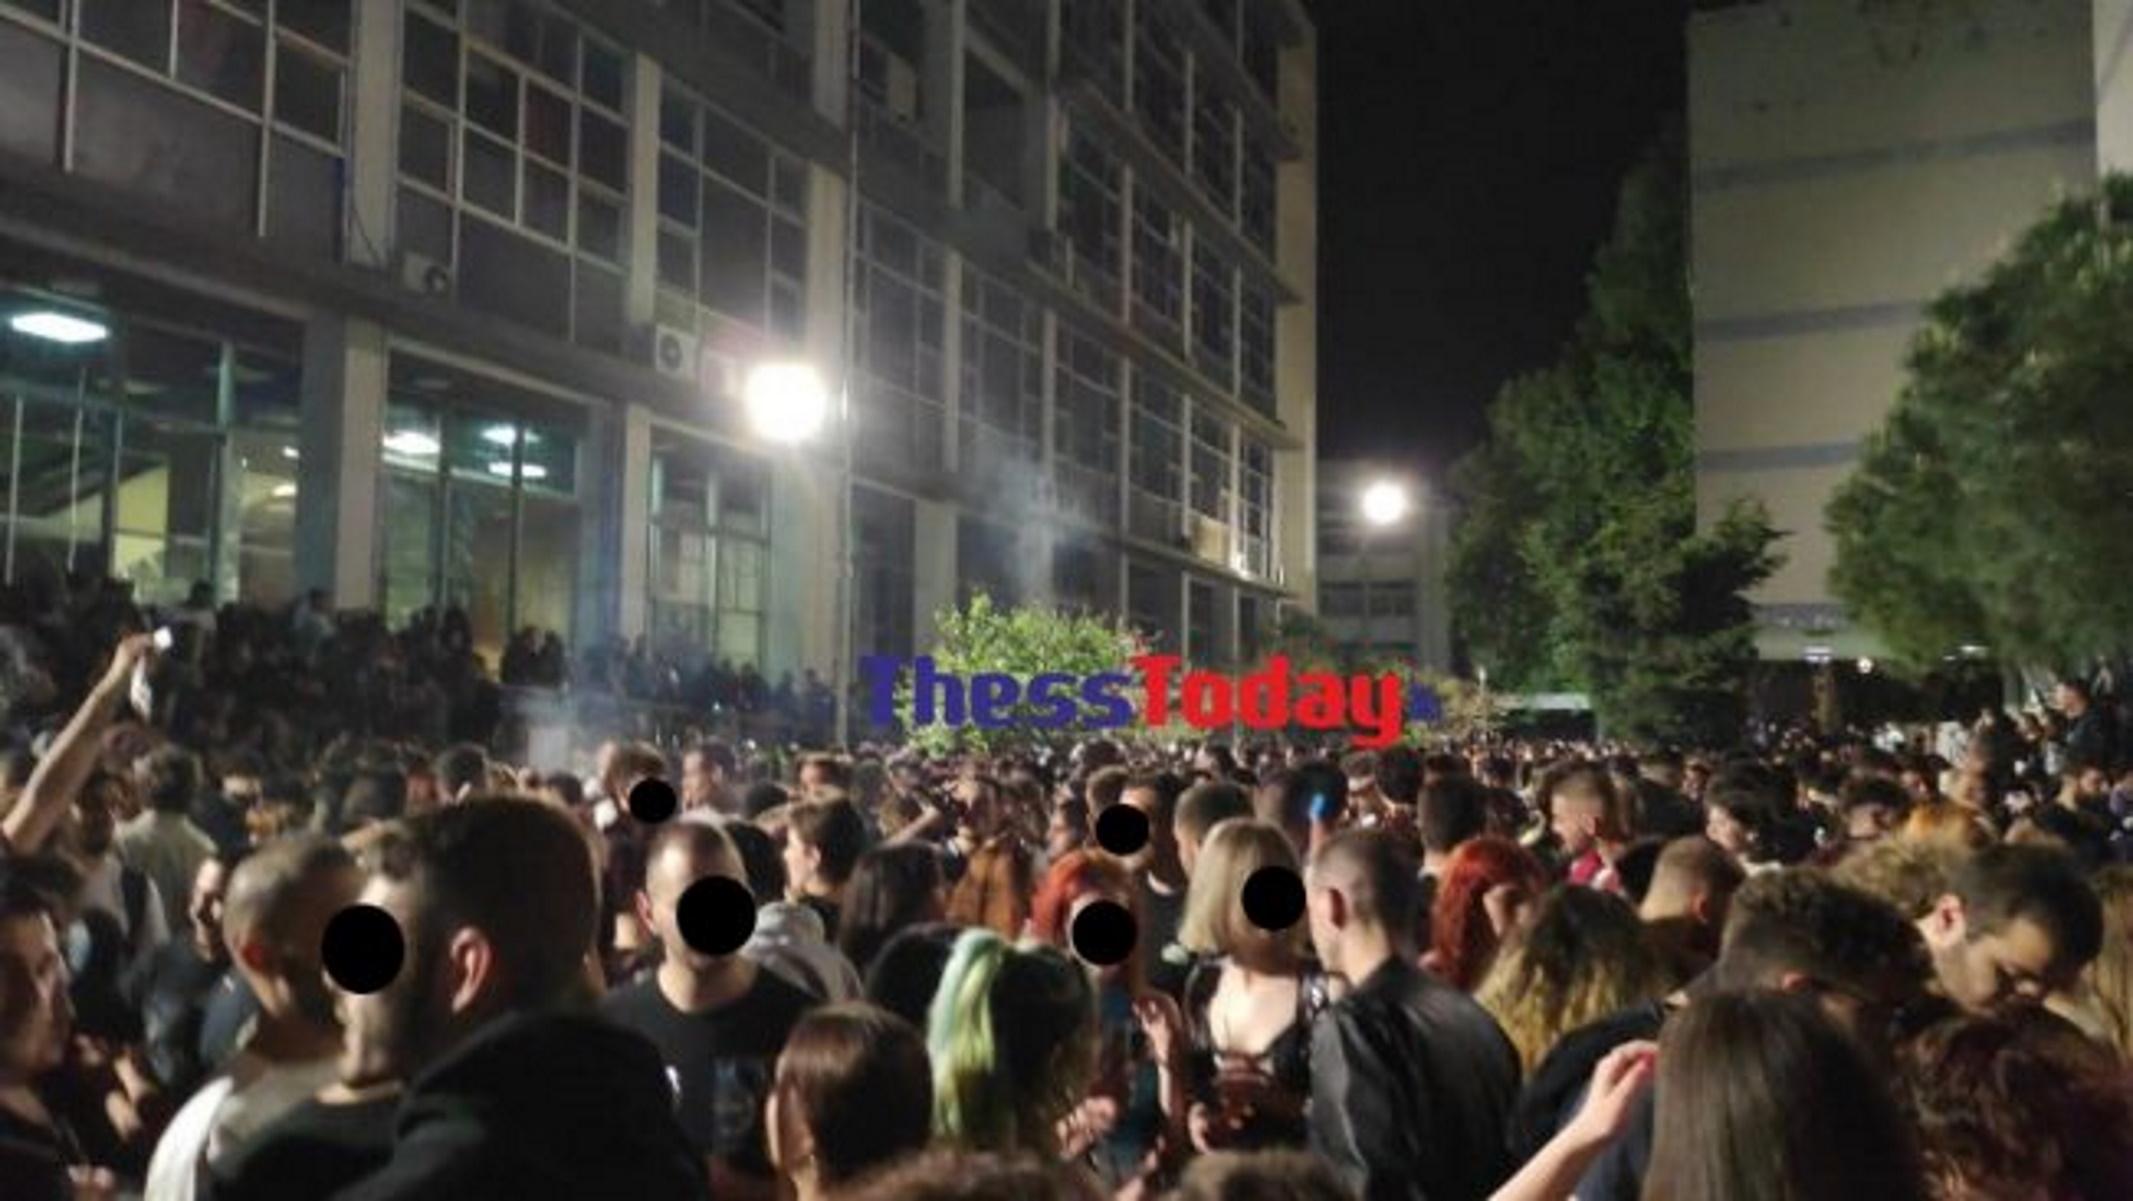 Θεσσαλονίκη: «Φεστιβάλ κορoνοϊού» στο ΑΠΘ – Εκατοντάδες άτομα και DJ (video)